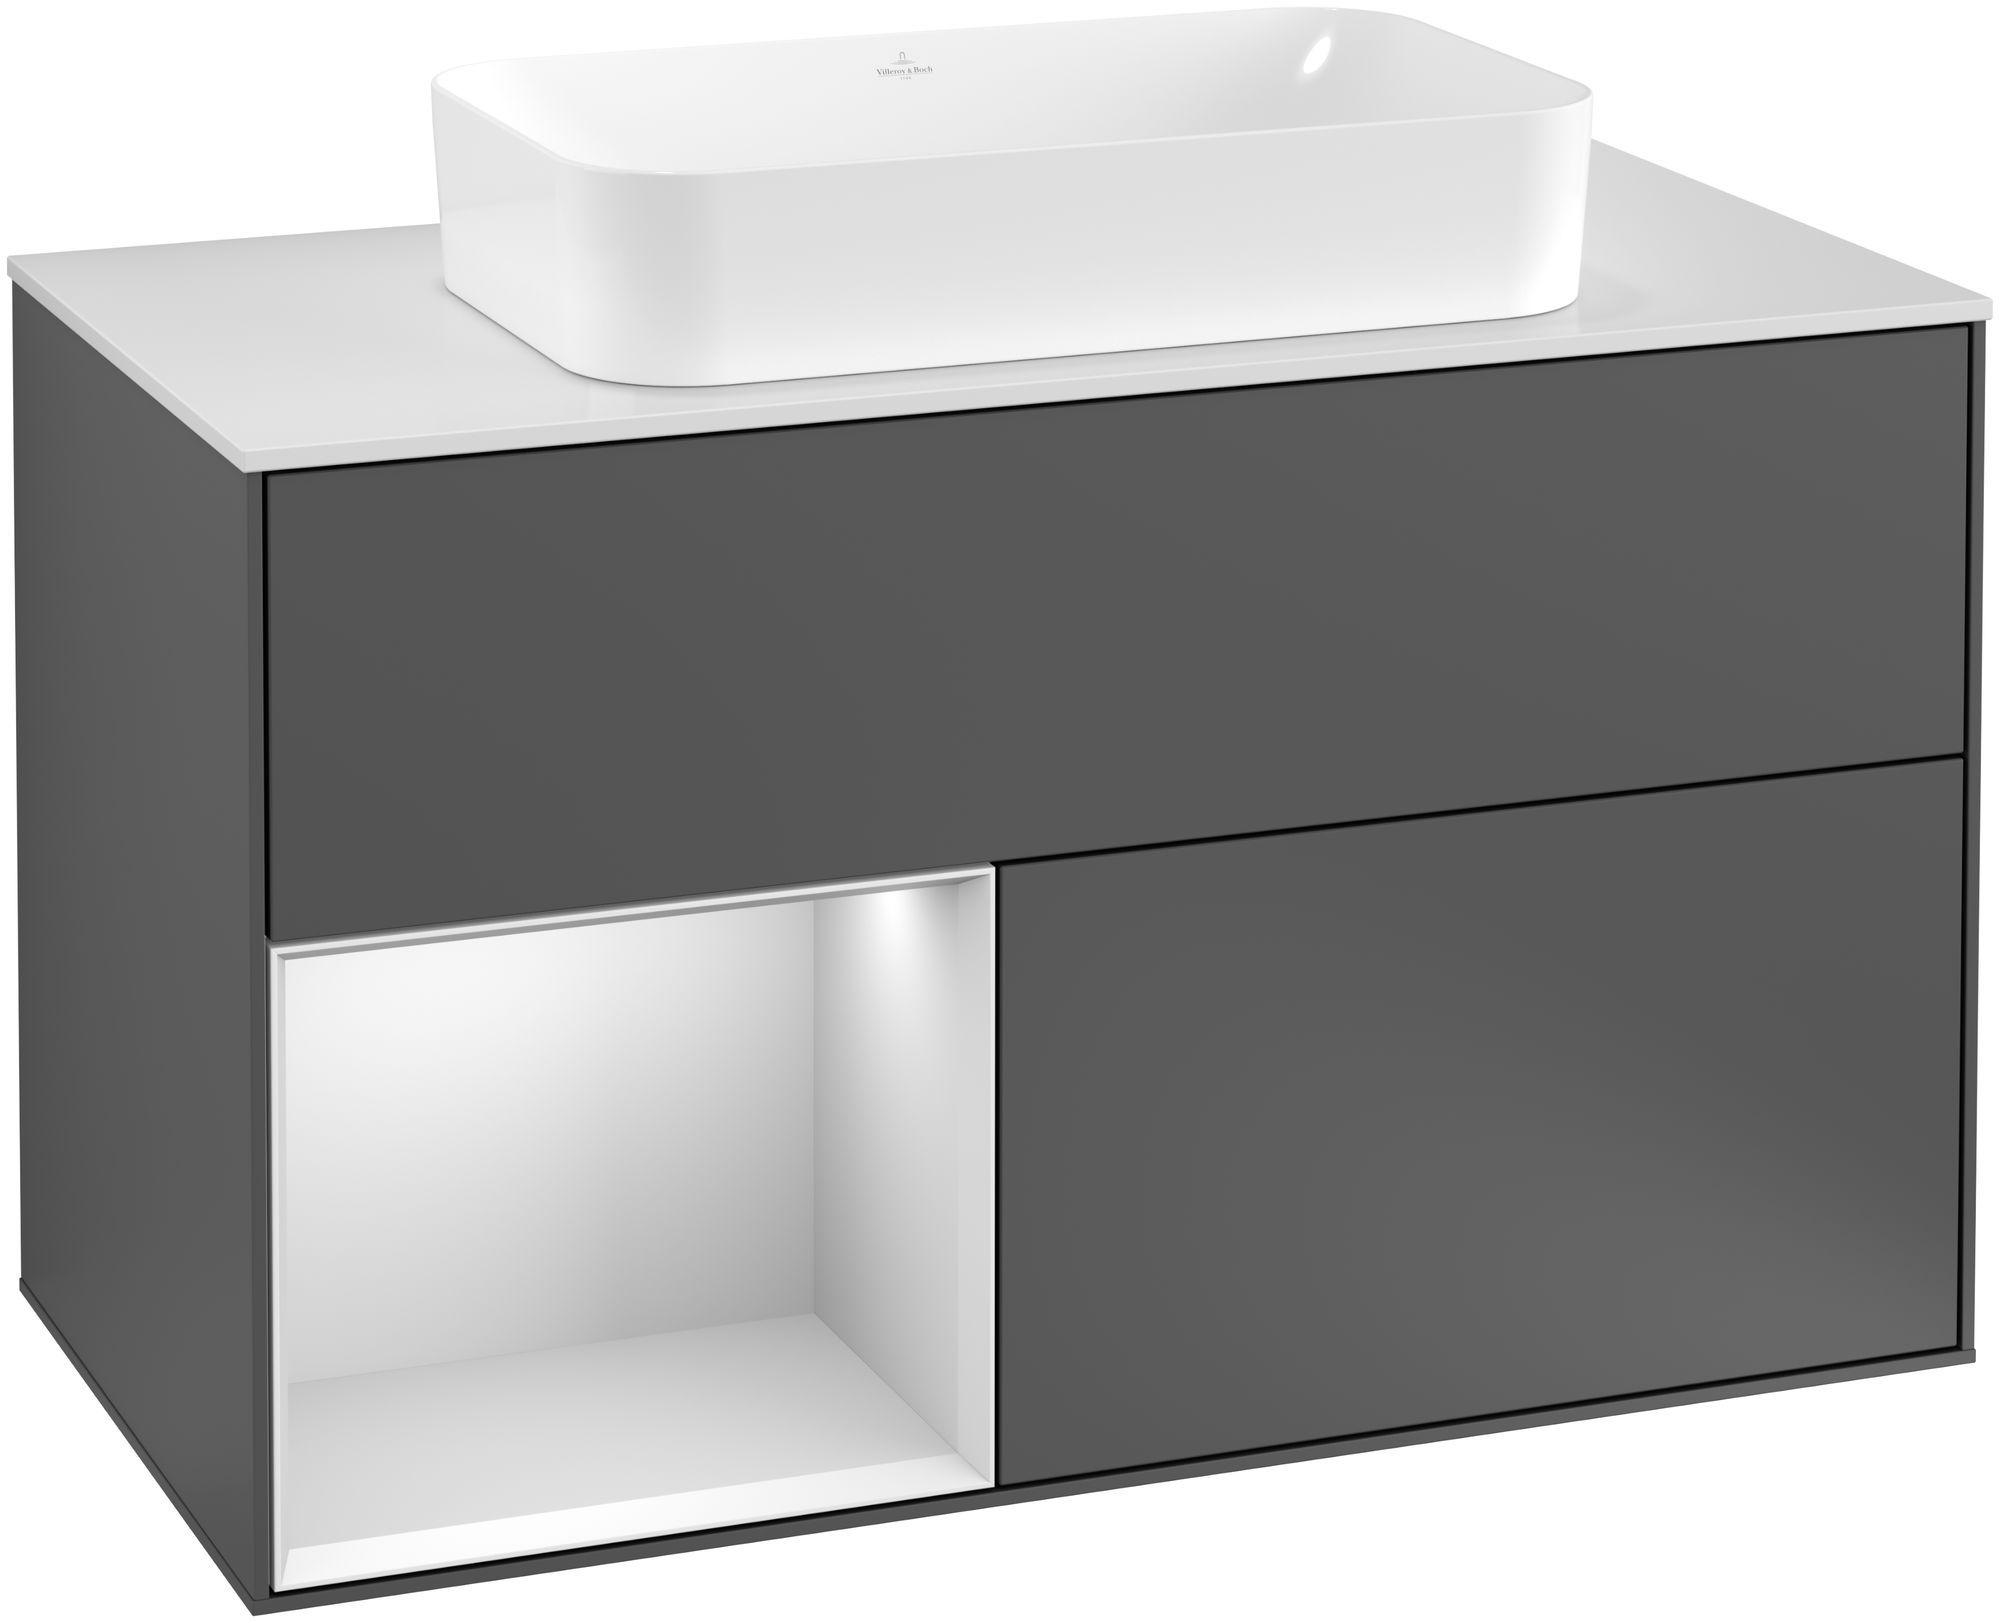 Villeroy & Boch Finion F24 Waschtischunterschrank mit Regalelement 2 Auszüge für WT mittig LED-Beleuchtung B:100xH:60,3xT:50,1cm Front, Korpus: Anthracite Matt, Regal: Weiß Matt Soft Grey, Glasplatte: White Matt F241MTGK